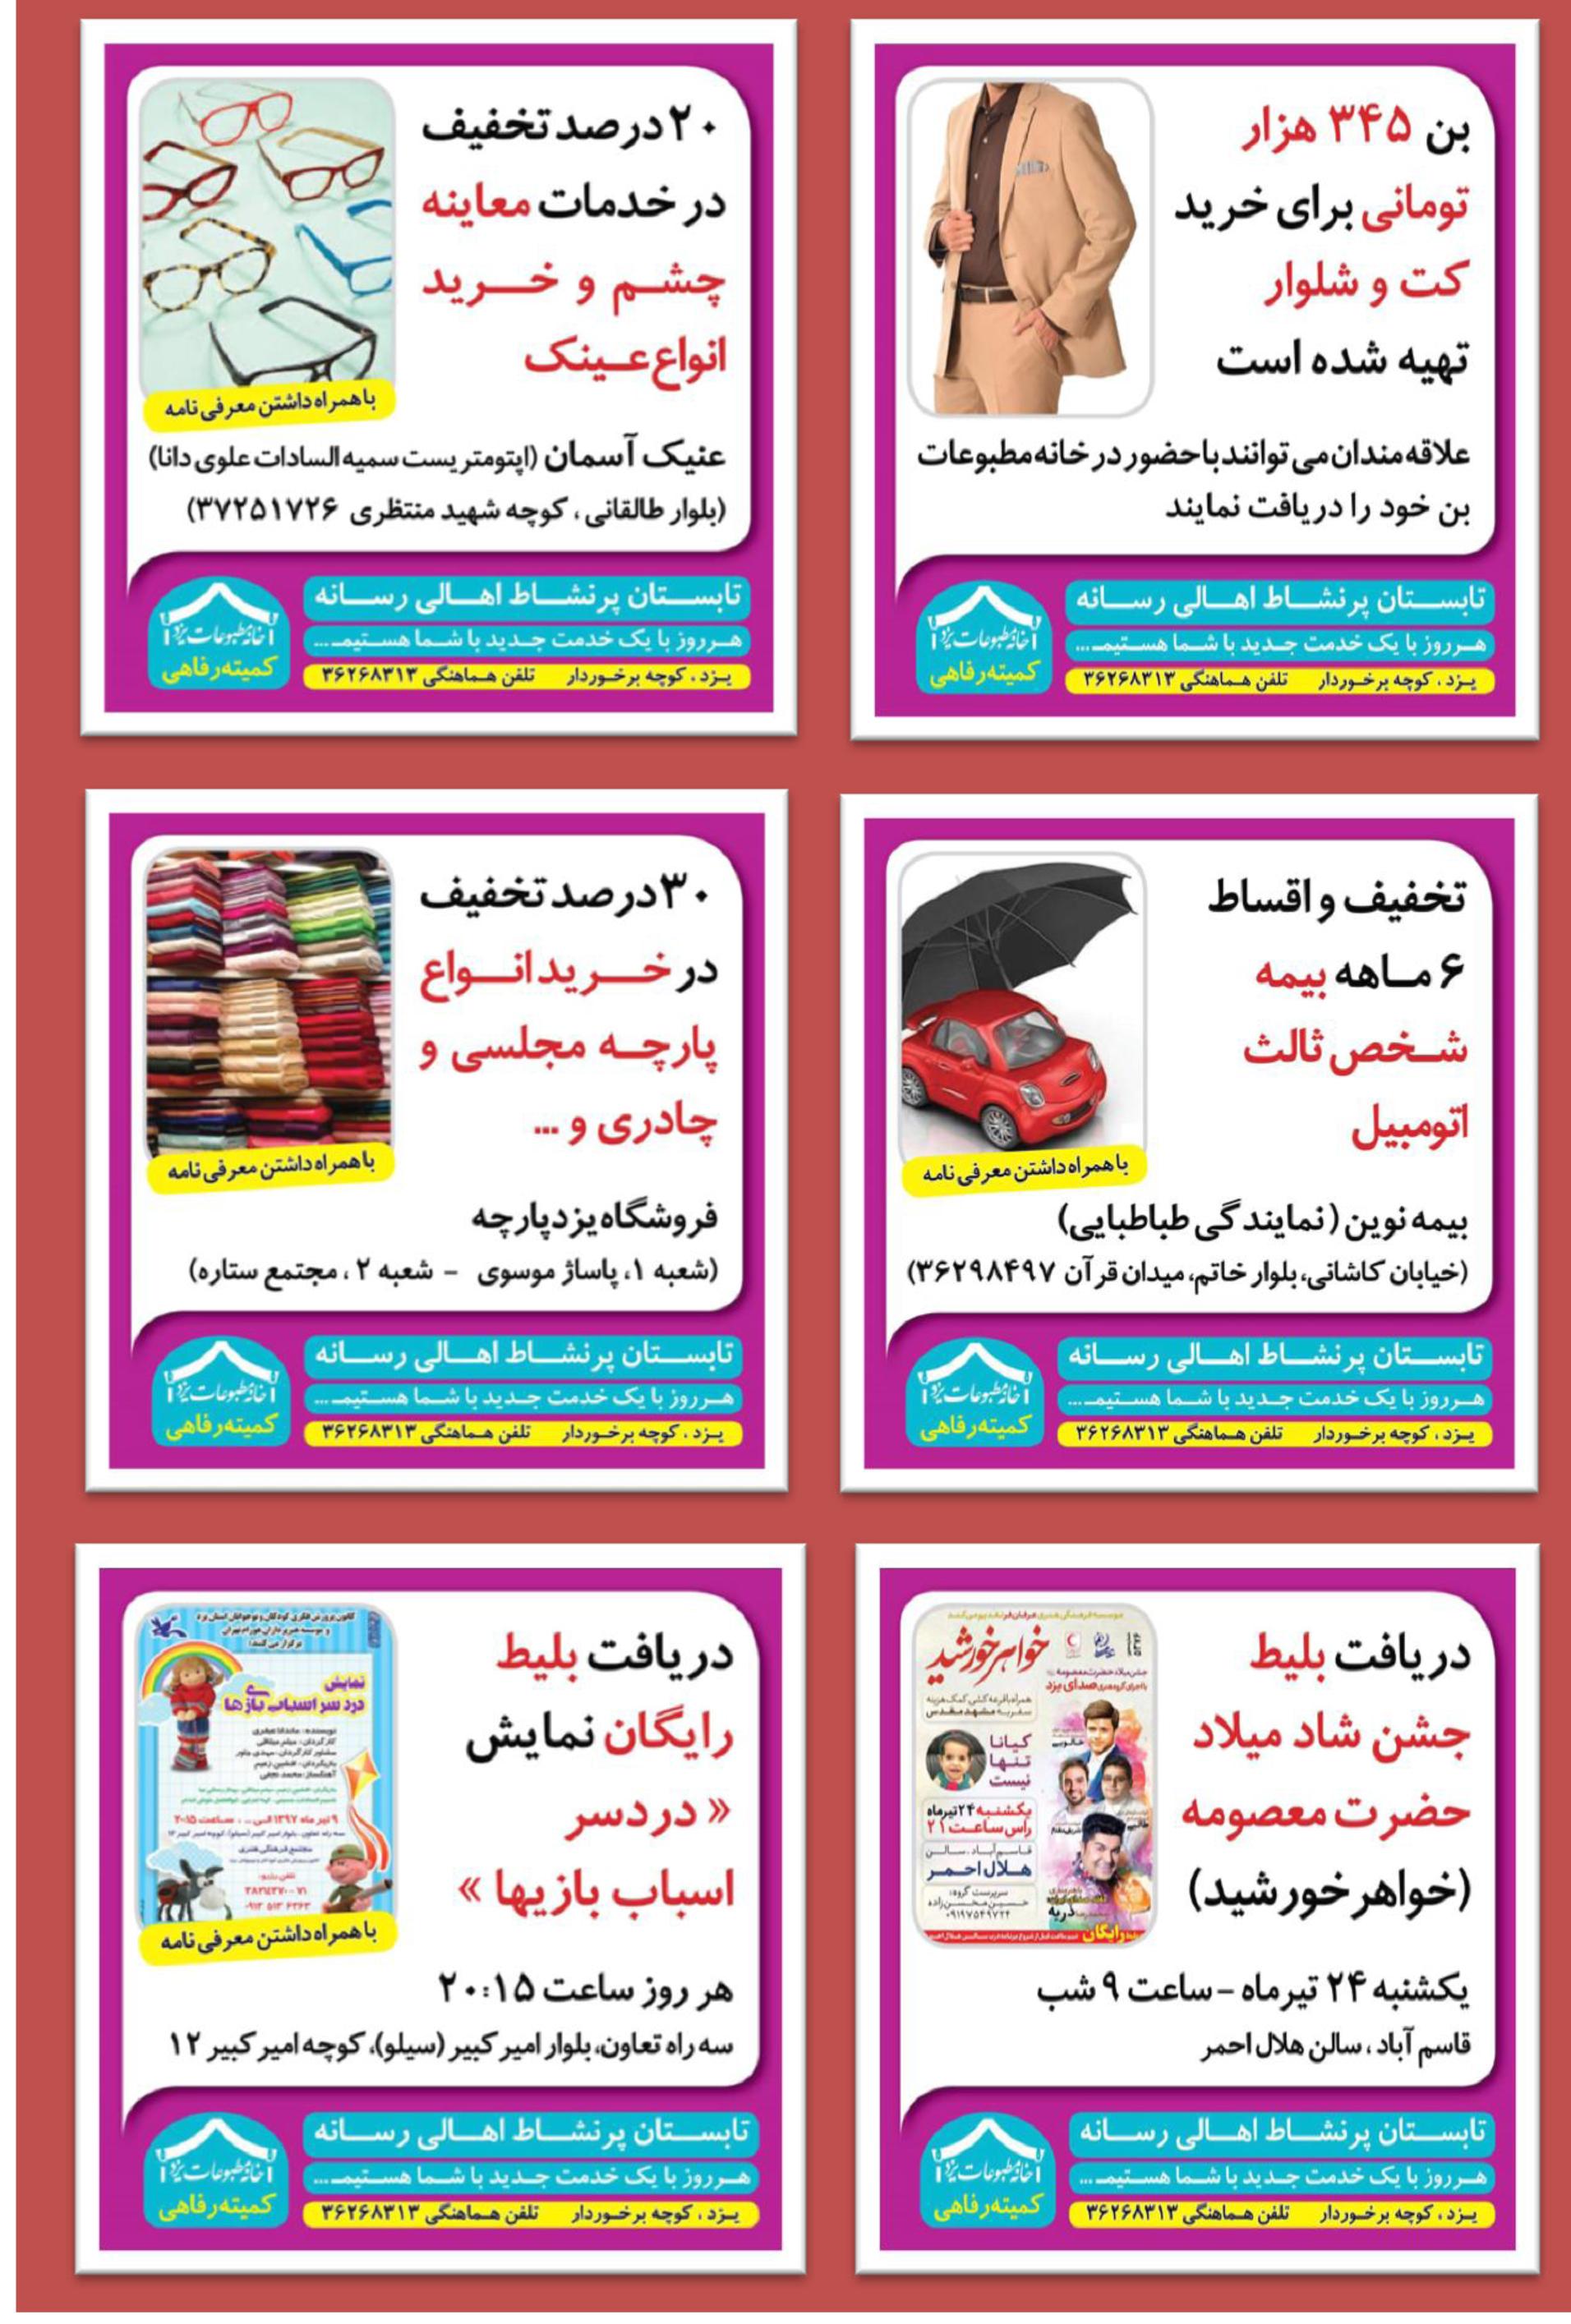 فعالیت های کمیته رفاهی خانه مطبوعات یزد